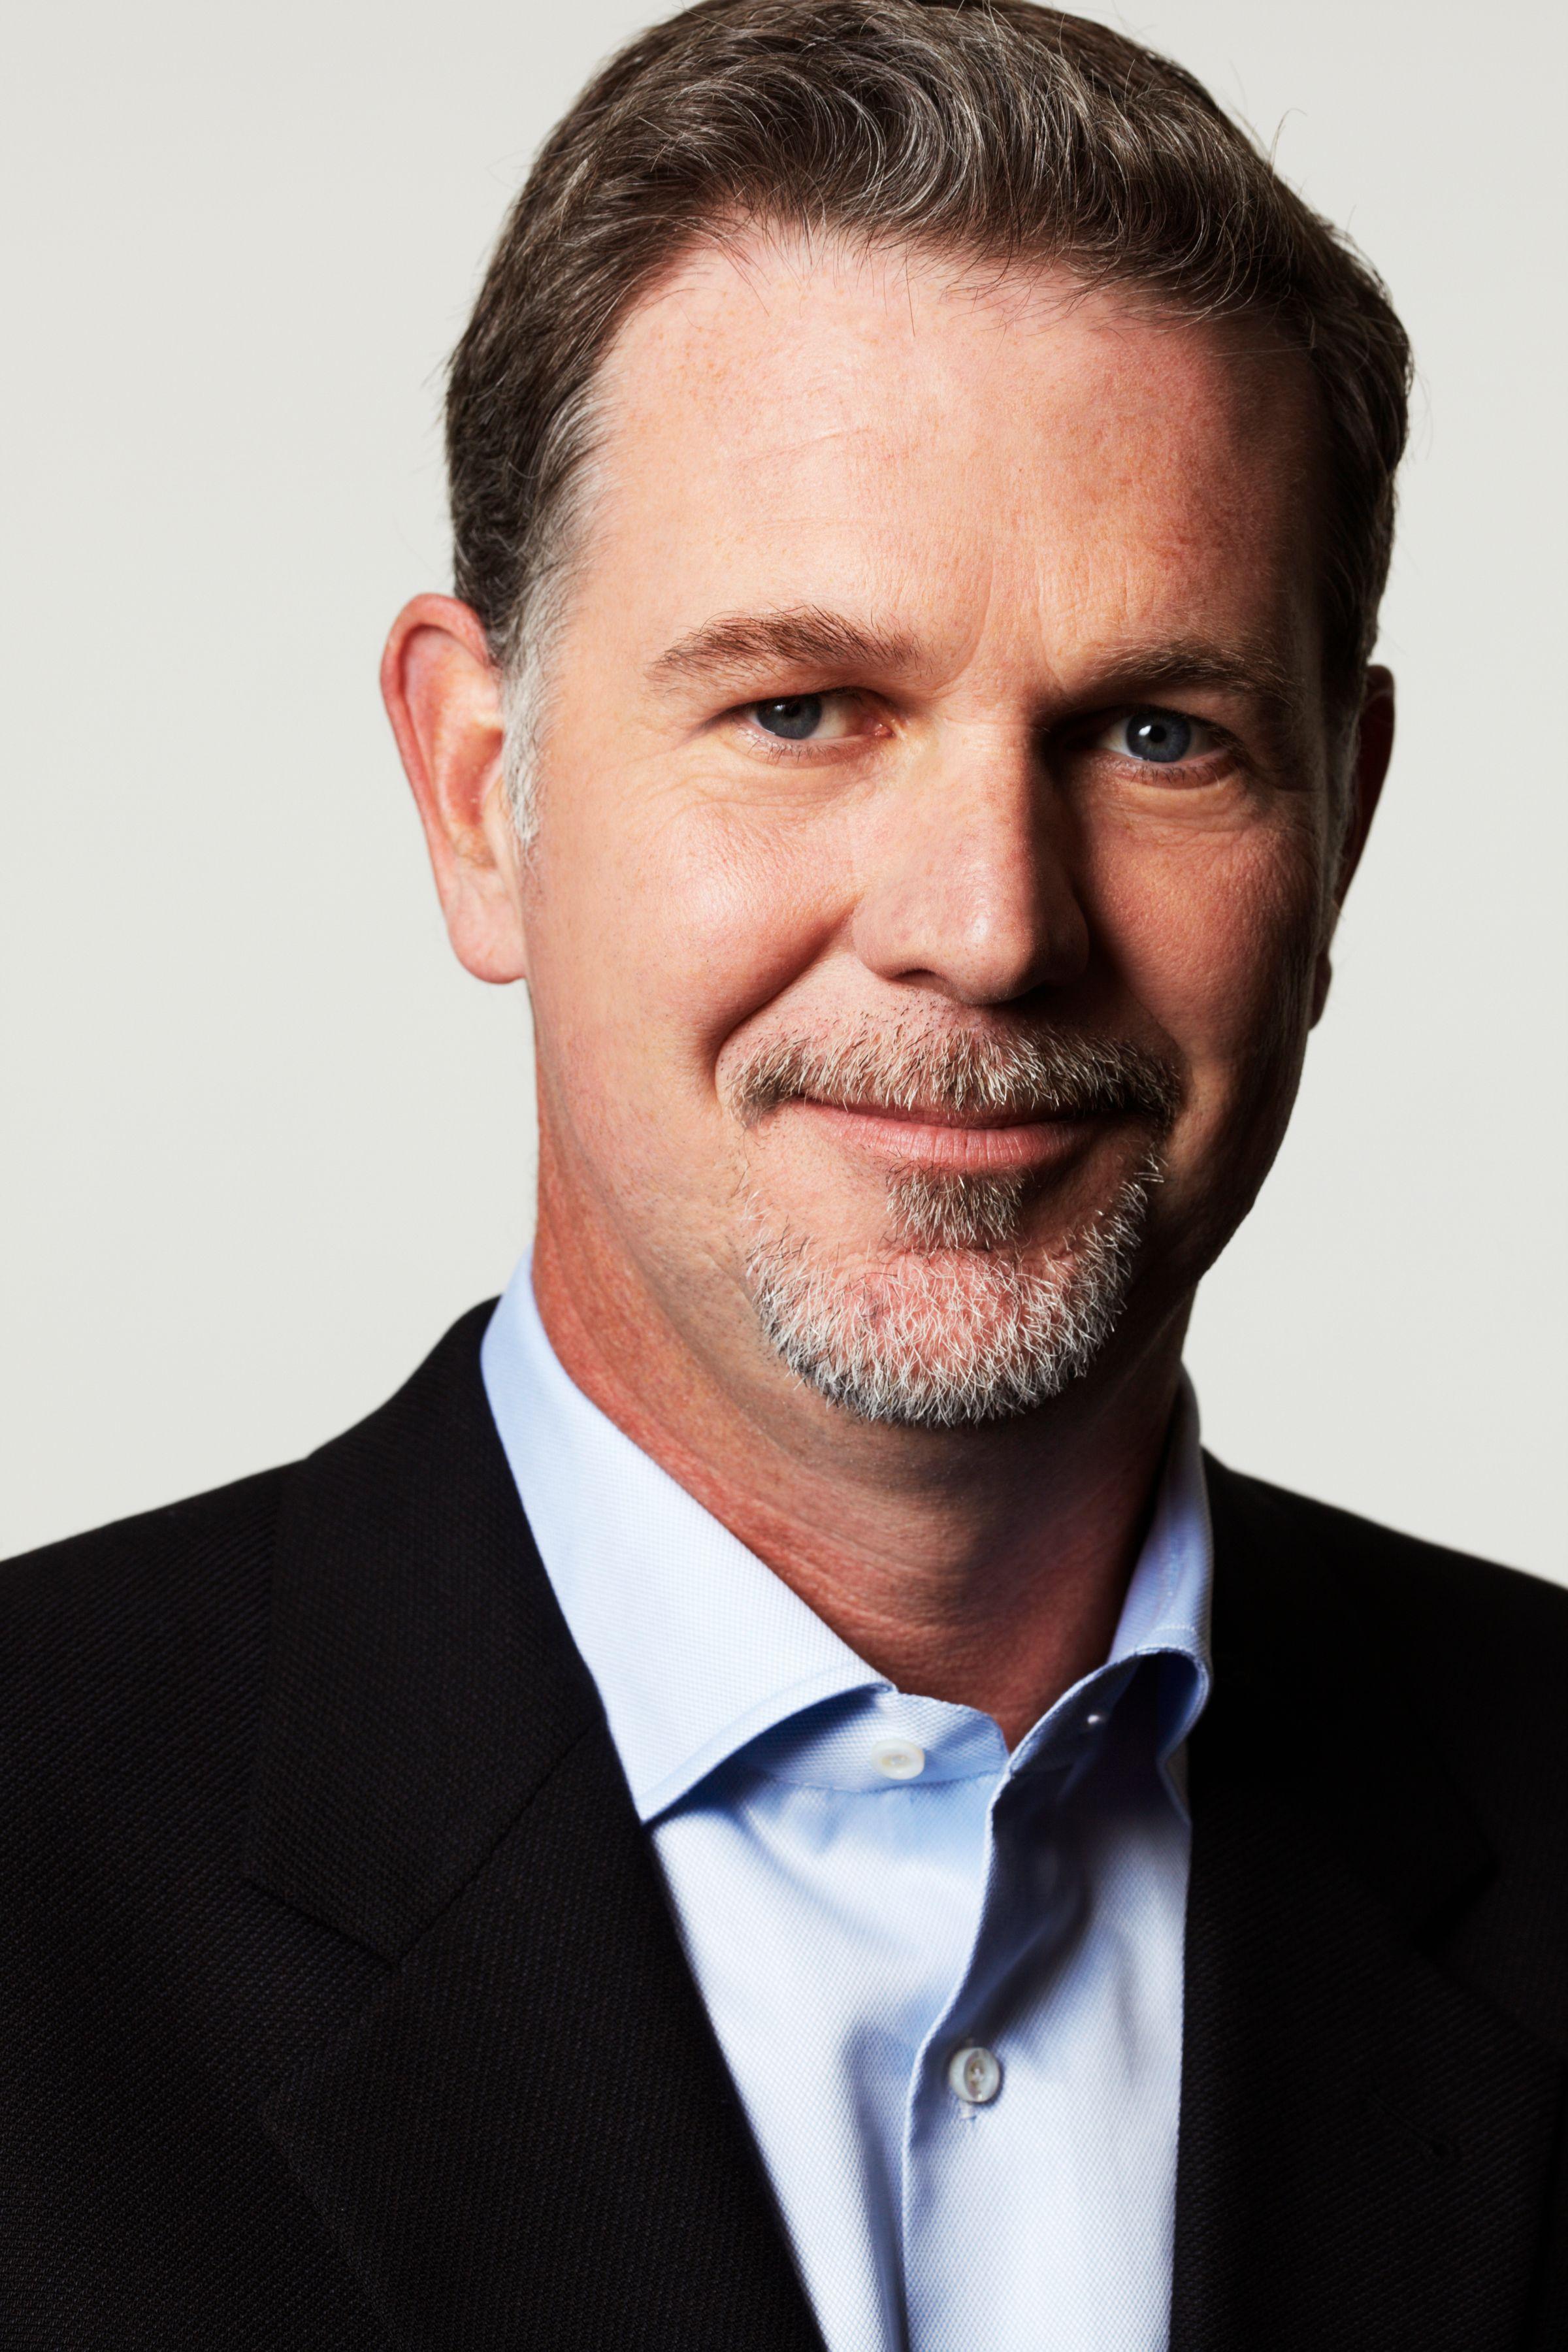 Reed Hastings er mannen som står bak Netflix, og mener digital distribusjon er den eneste veien for TV- og filmbransjen å gå.Foto: Netflix